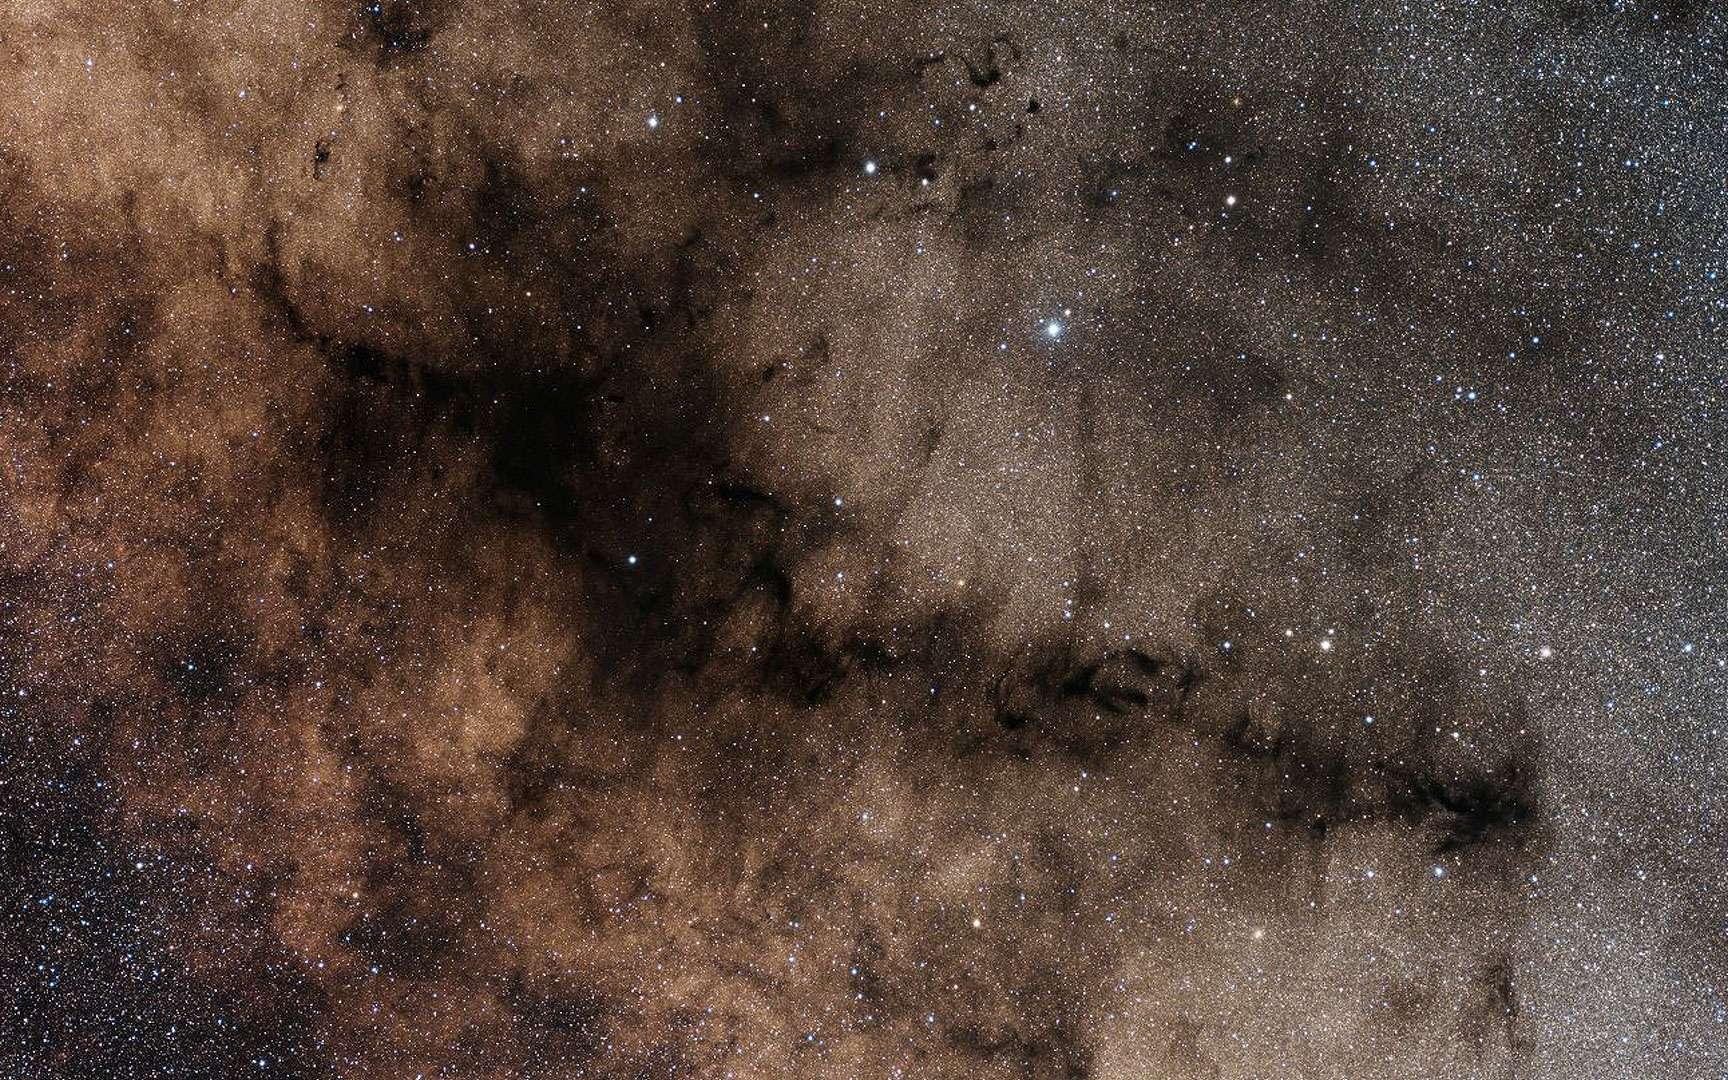 La nébuleuse de la Pipe, au cœur de la Voie lactée. L'immense nuage sombre de la nébuleuse de la Pipe est perceptible à l'œil nu dans un ciel noir, bas sur l'horizon sud depuis les latitudes de l'Europe. Il culmine au zénith dans l'hémisphère sud, comme dans le désert d'Atacama d'où a été prise cette photographie.© ESO, Y. Beletsky